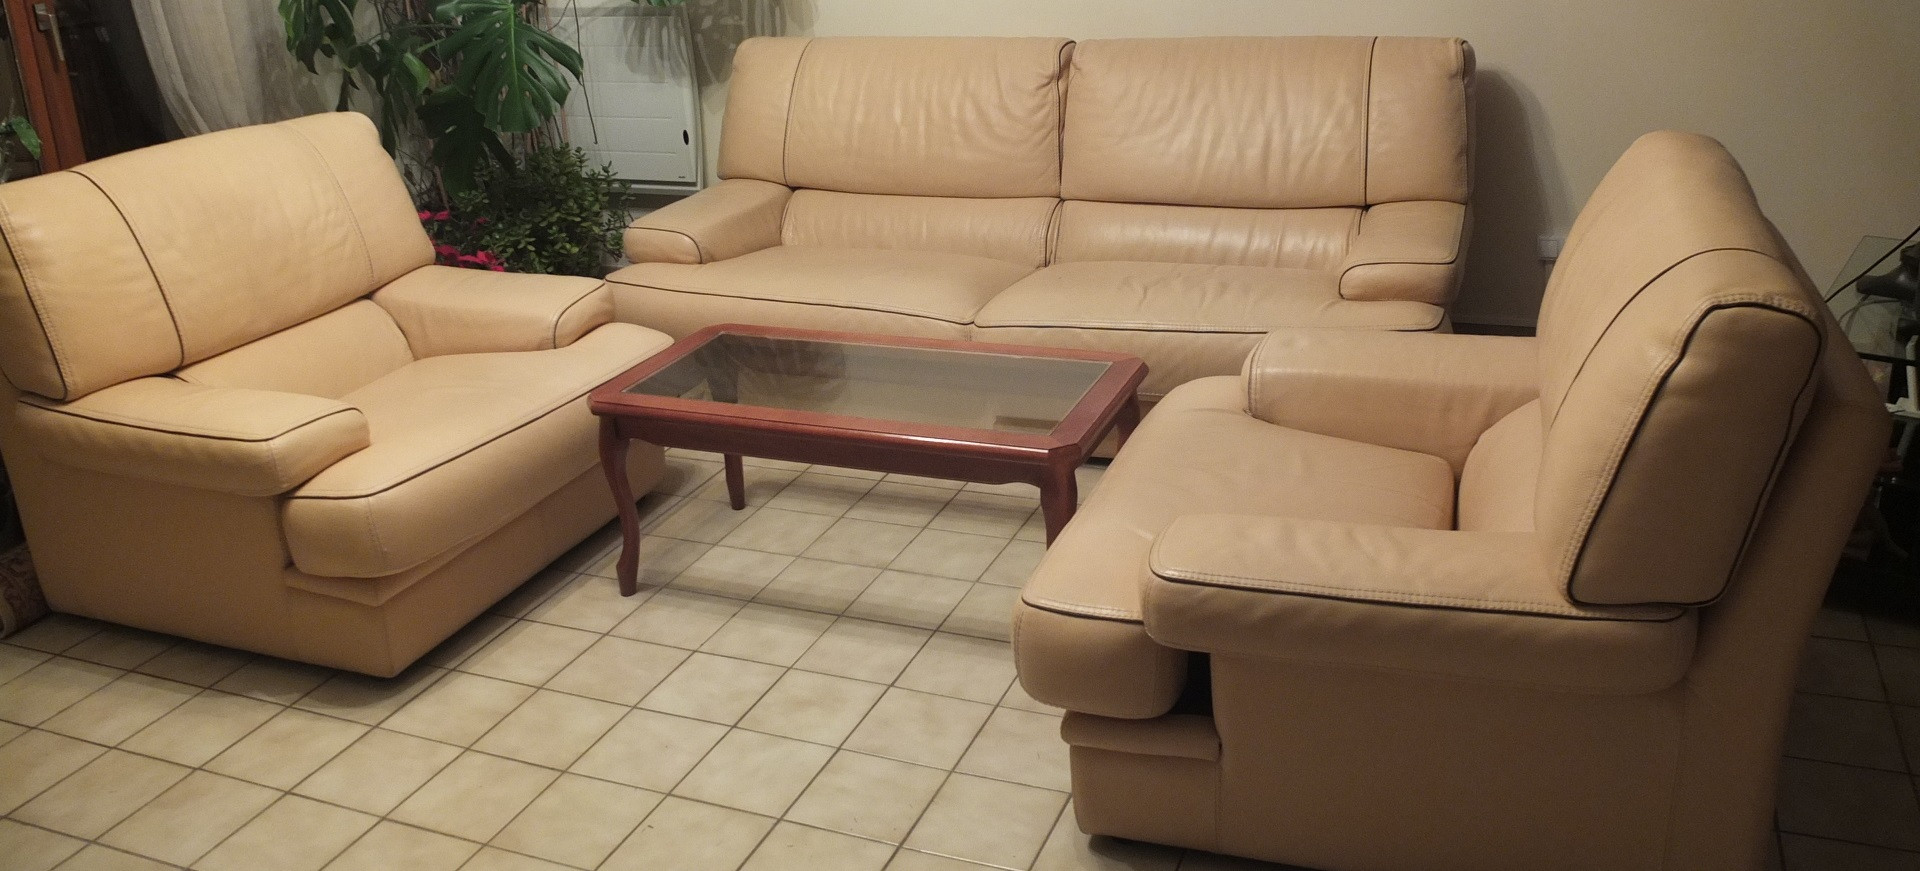 Cuir De Vachette C Est Quoi canapé cuir vachette et deux fauteuils assortis